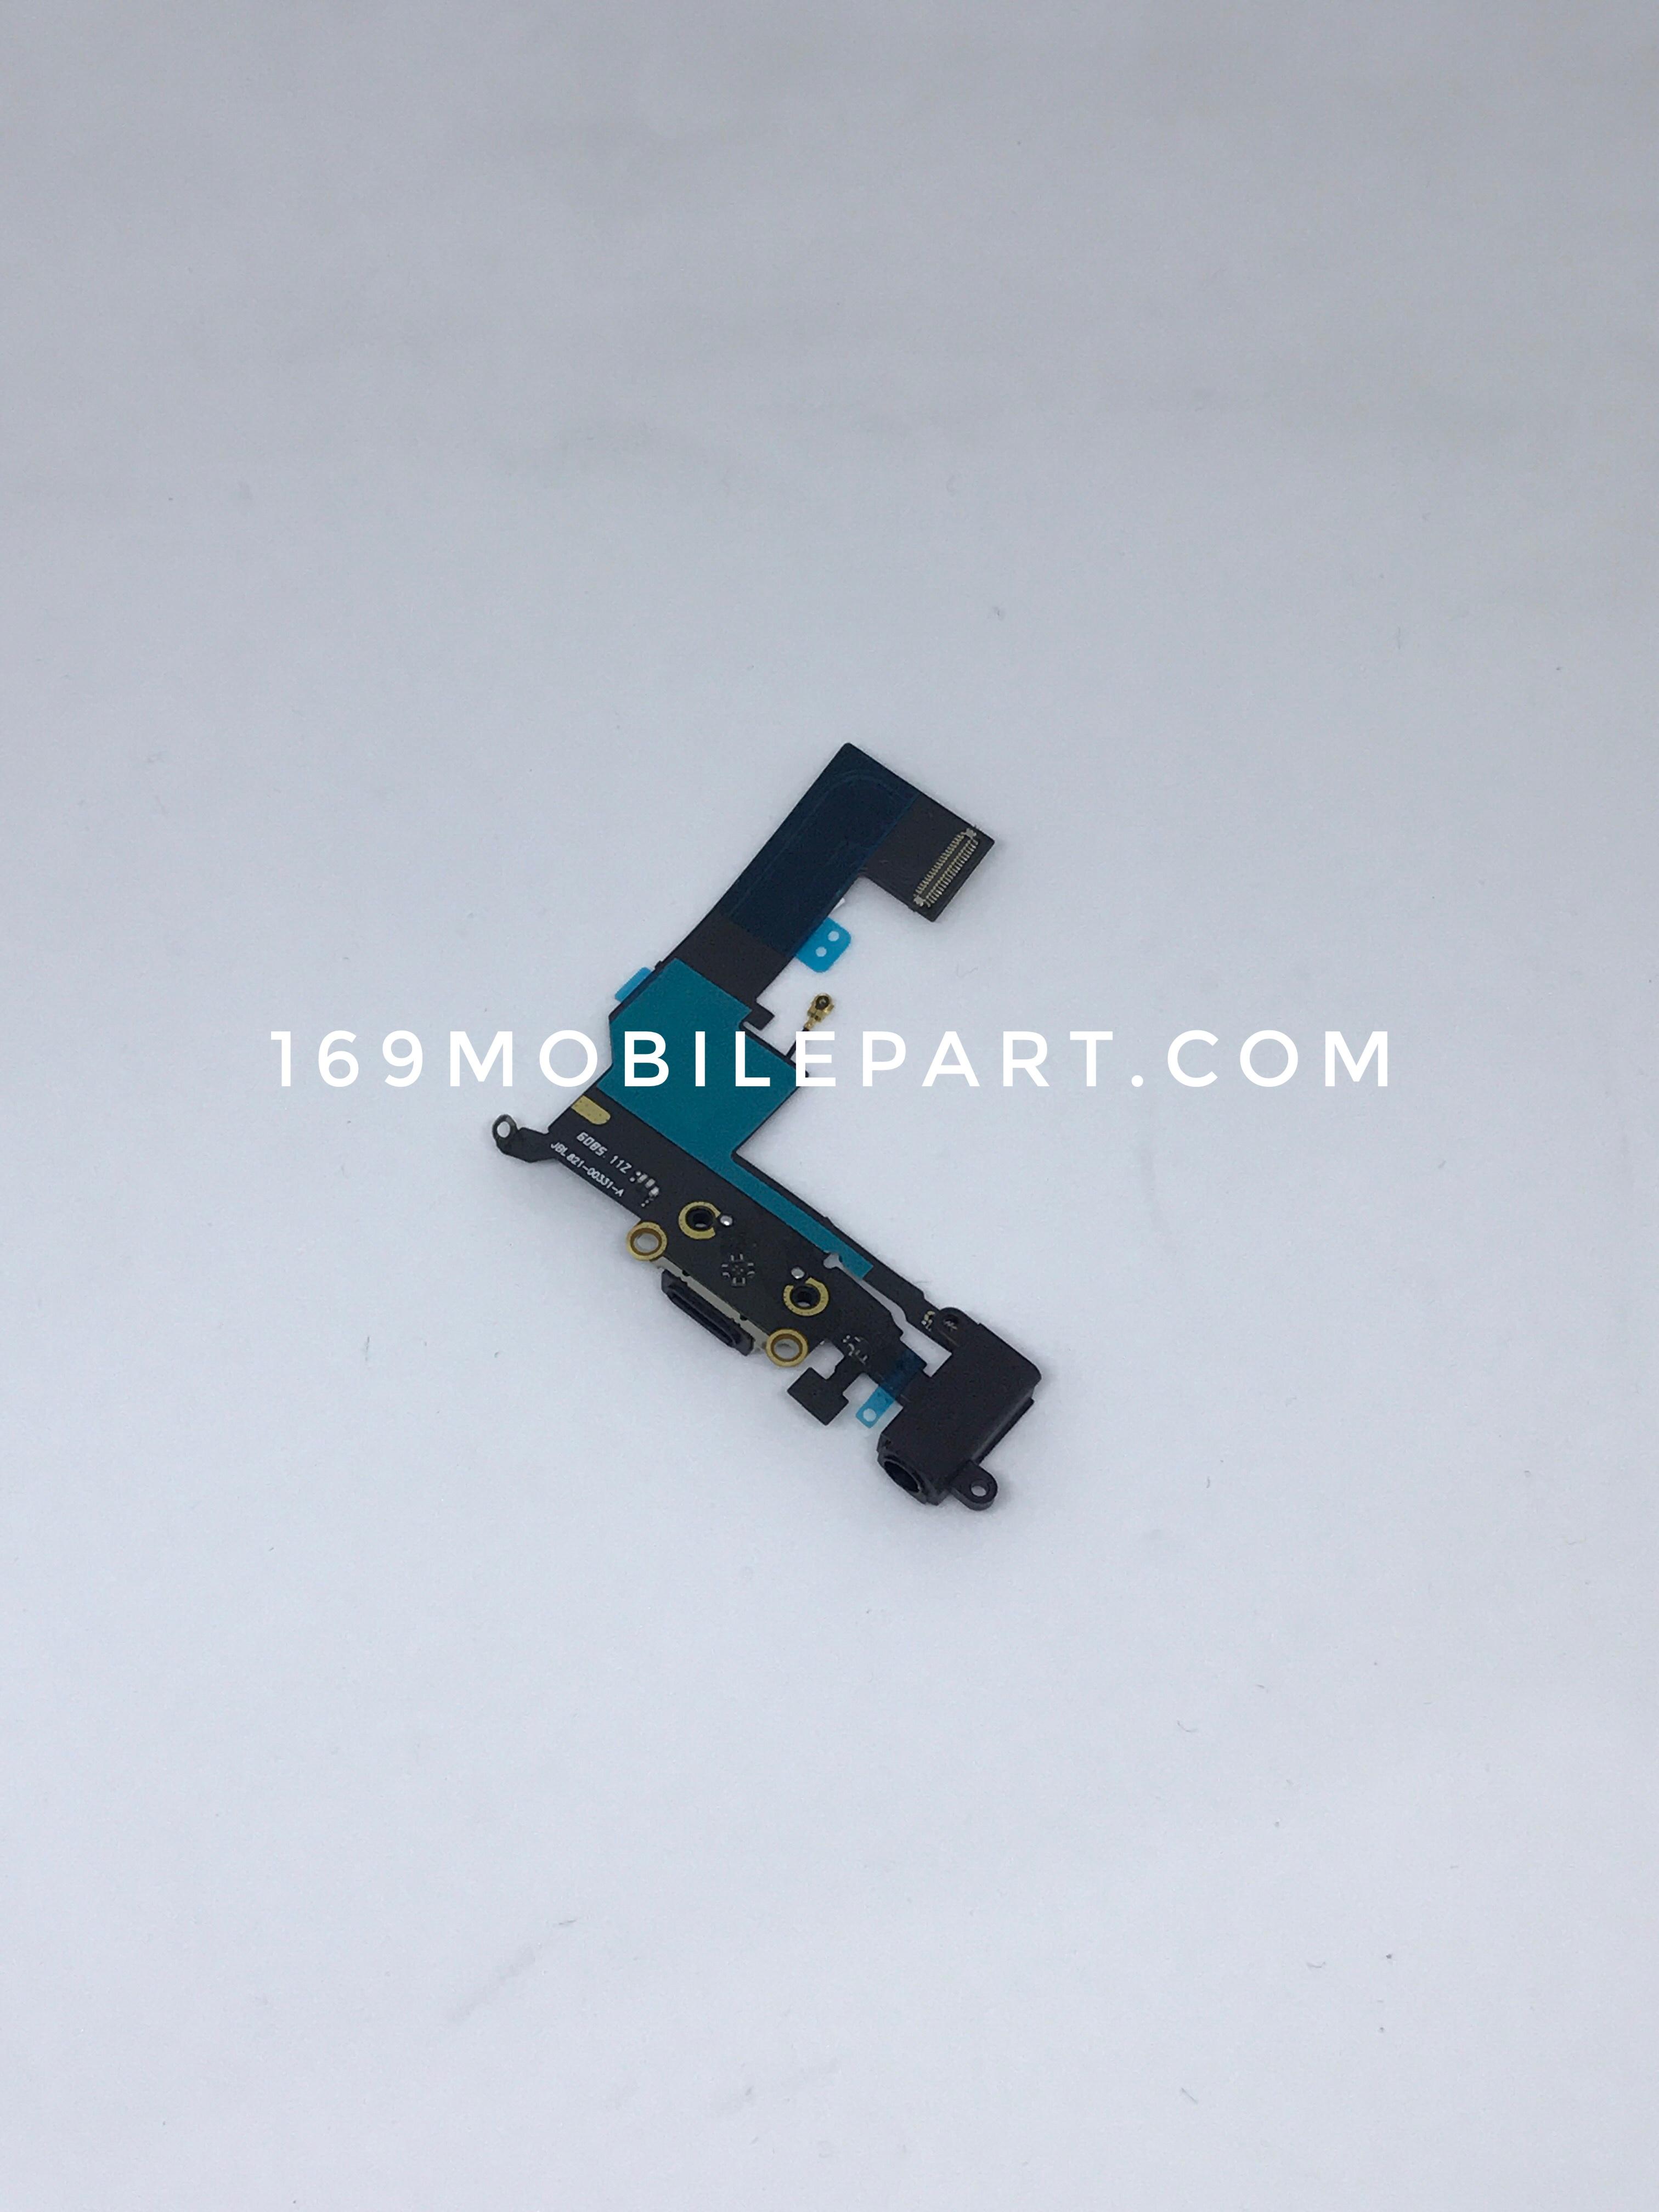 แพร USB + Mic ล่าง iPhone SE สีดำ